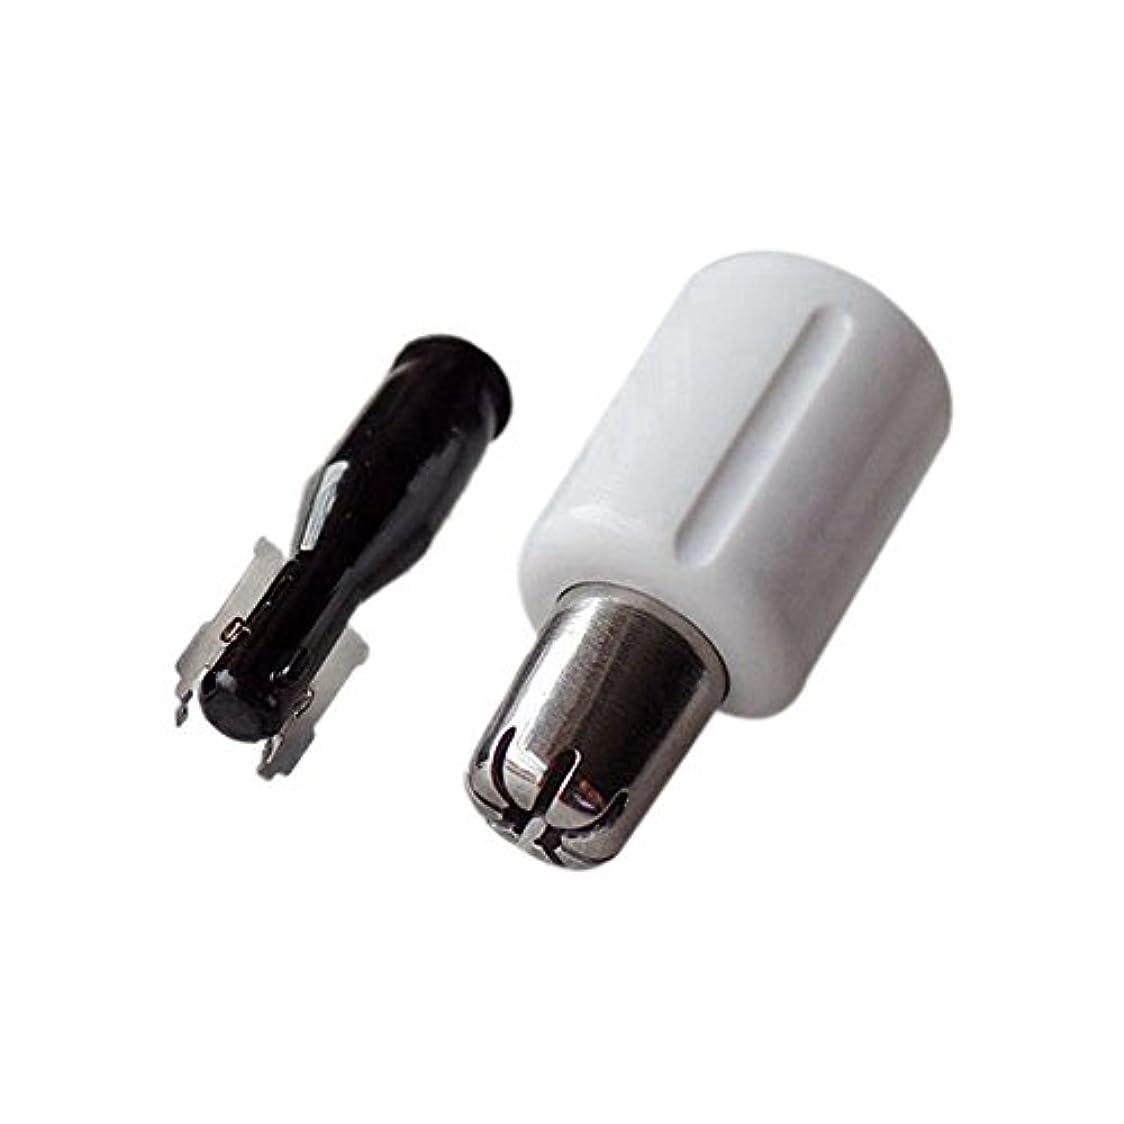 ひもラオス人ディスコJanjunsi 鼻毛カッター部品 交換用 パーツ 内刃 外刃 替刃 耐用 for Panasonic 鼻毛カッター ER-GN20 ER-GN25